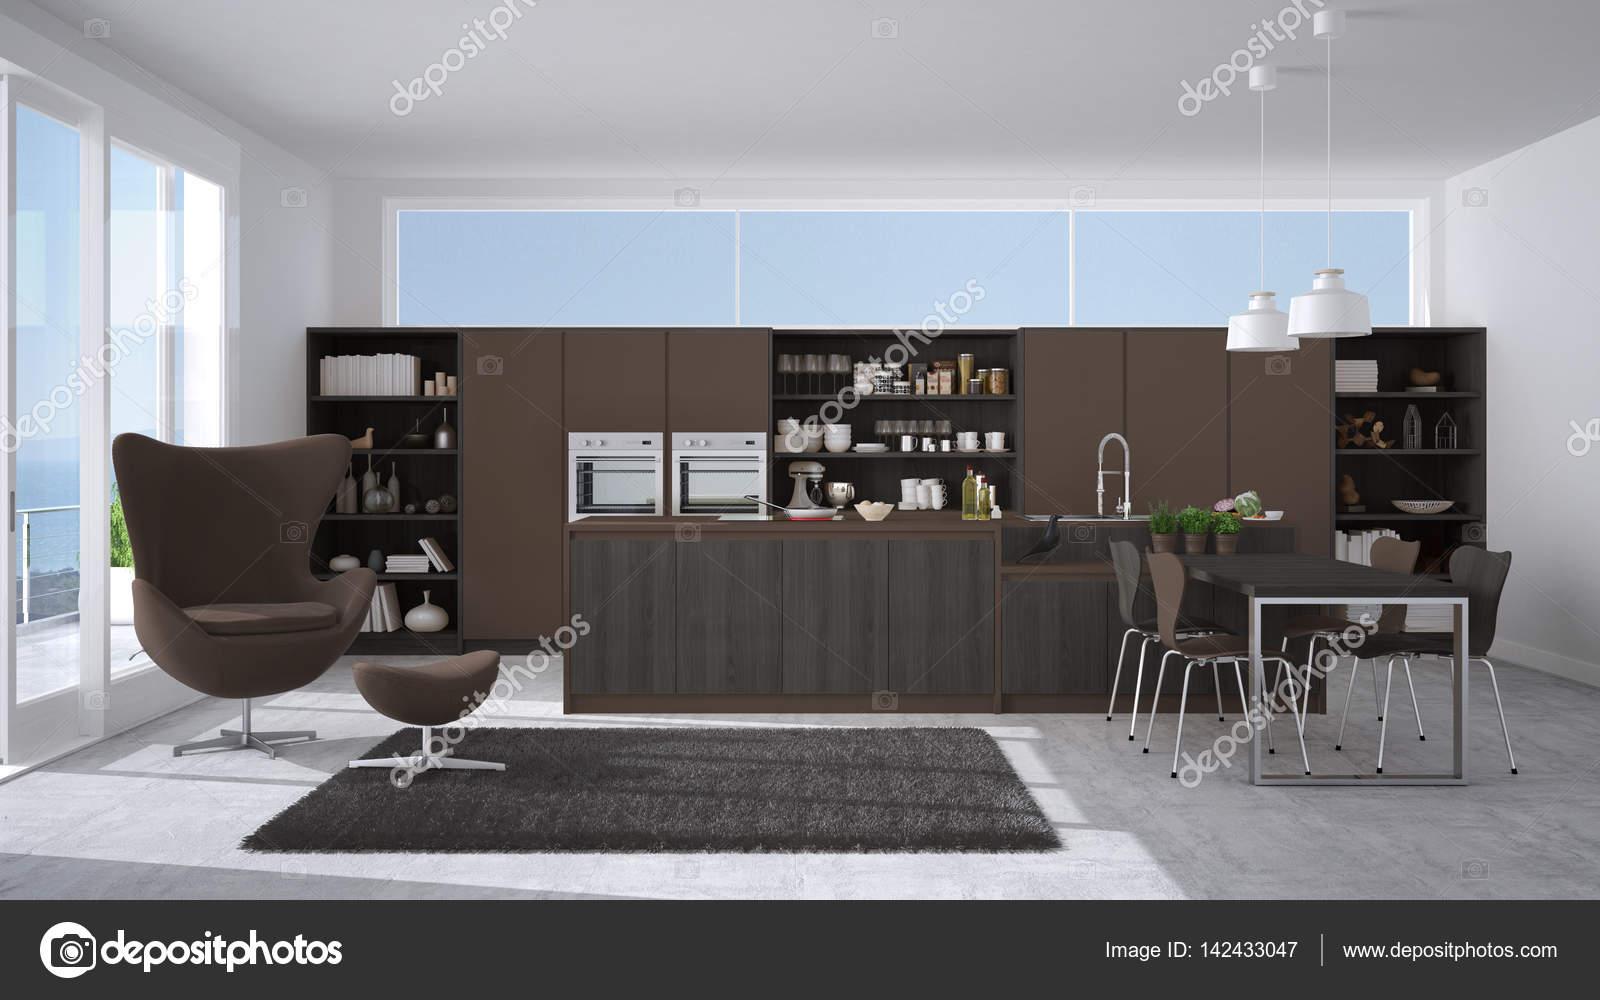 Cucina moderna grigio e marrone con dettagli in legno, grande ...